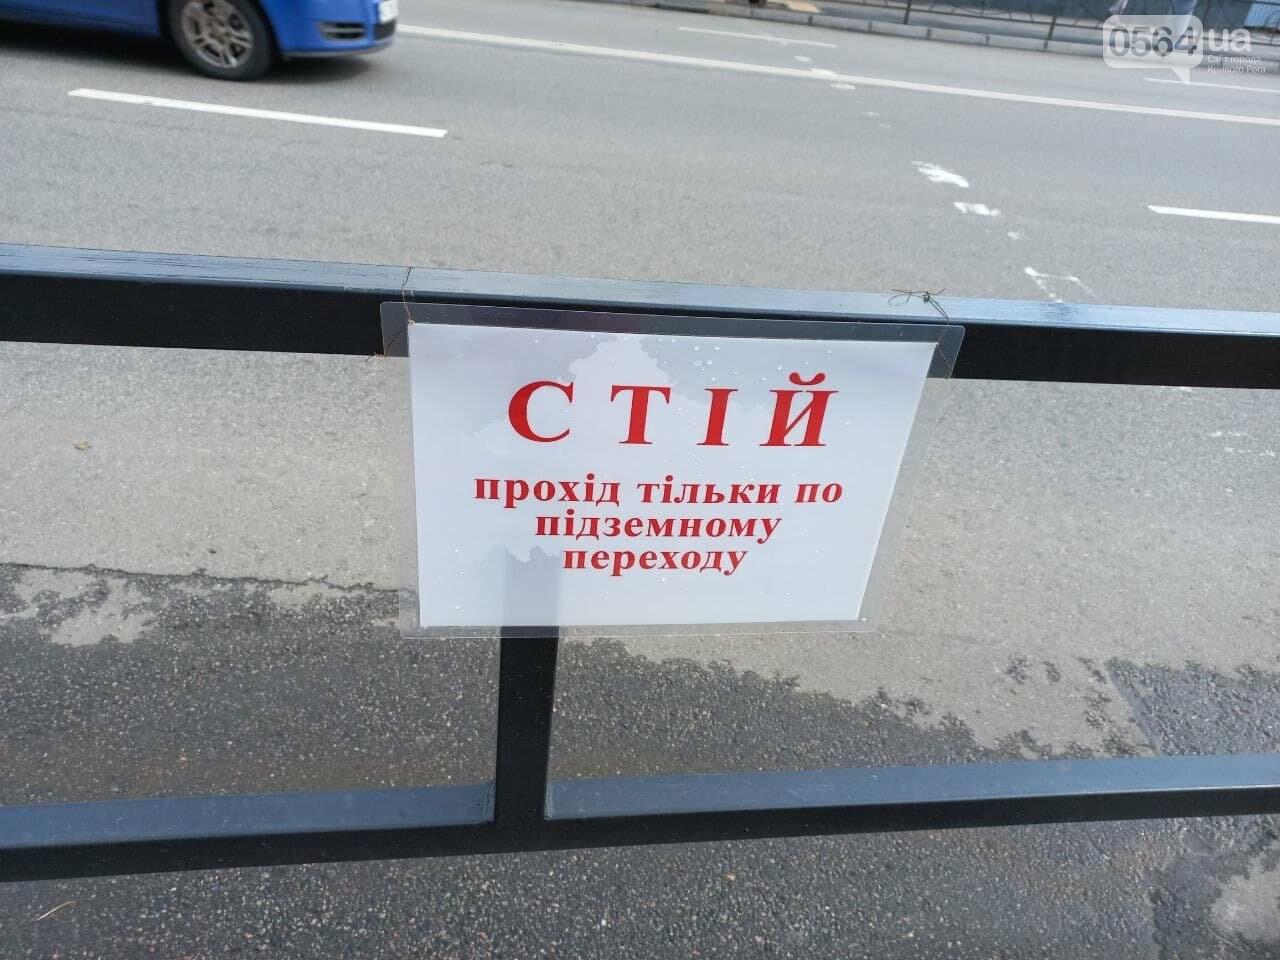 Возле Центрального рынка в Кривом Роге закрыли наземный переход и открыли подземный, - ФОТО, фото-4